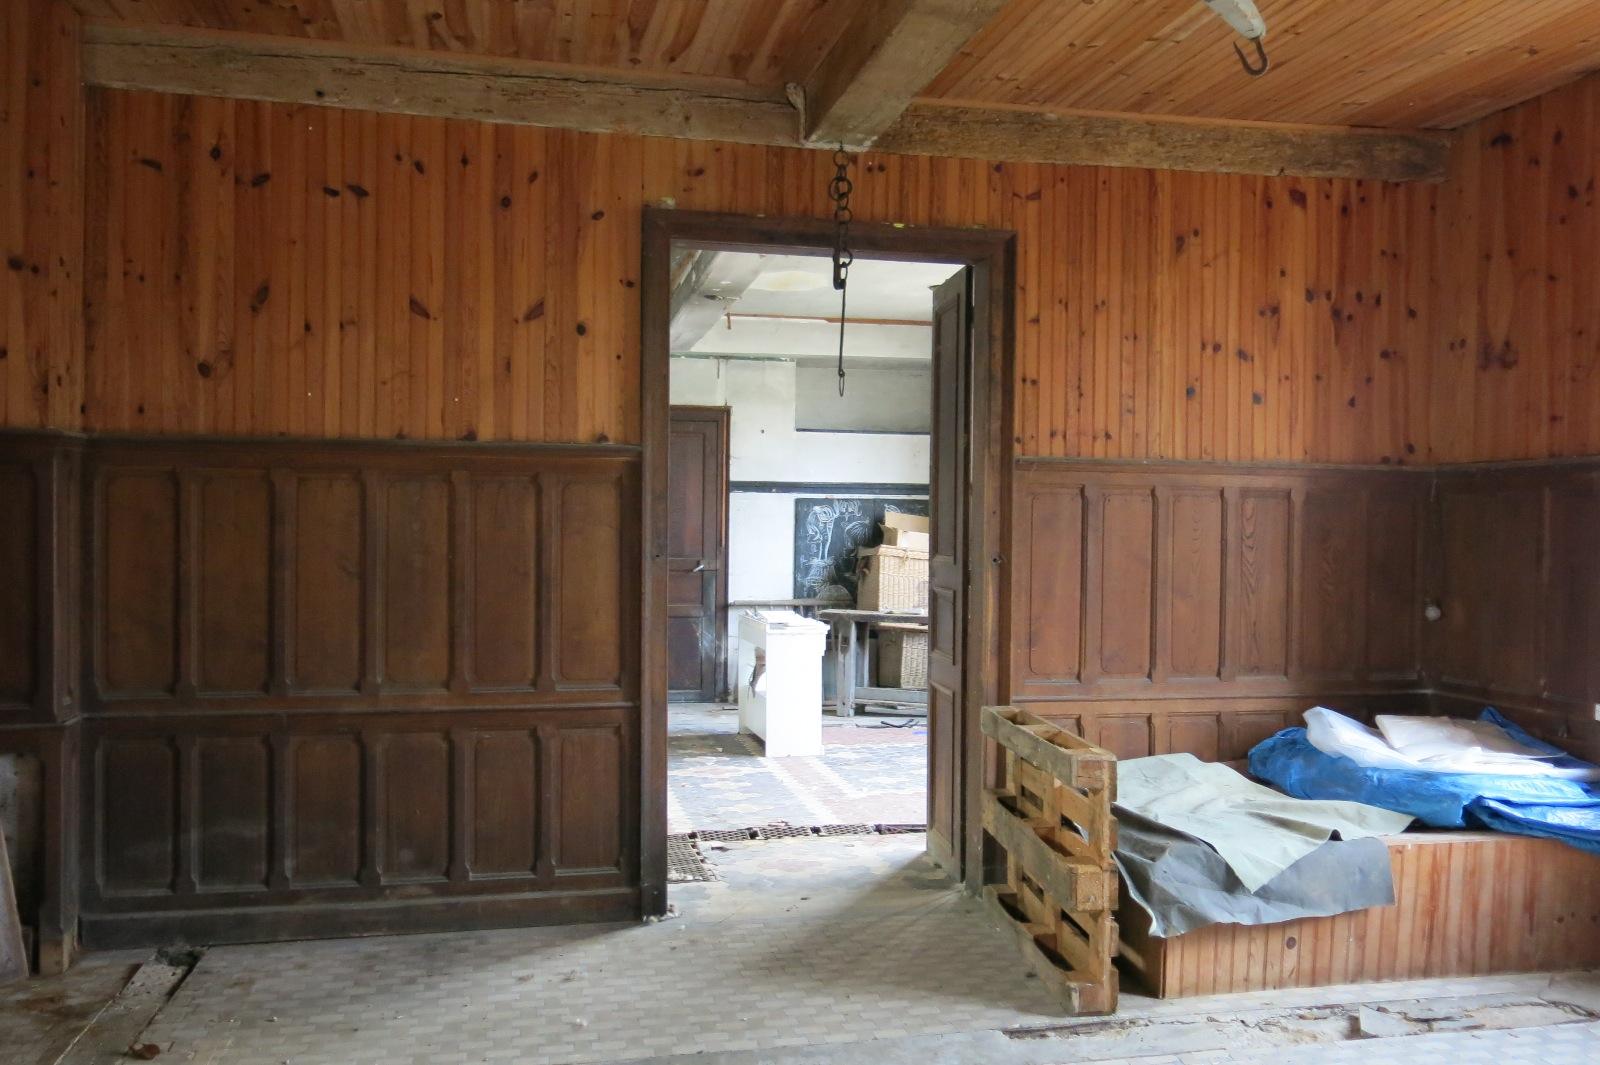 Proche nay vente maison r nover avec garage et atelier for Vente maison avec atelier